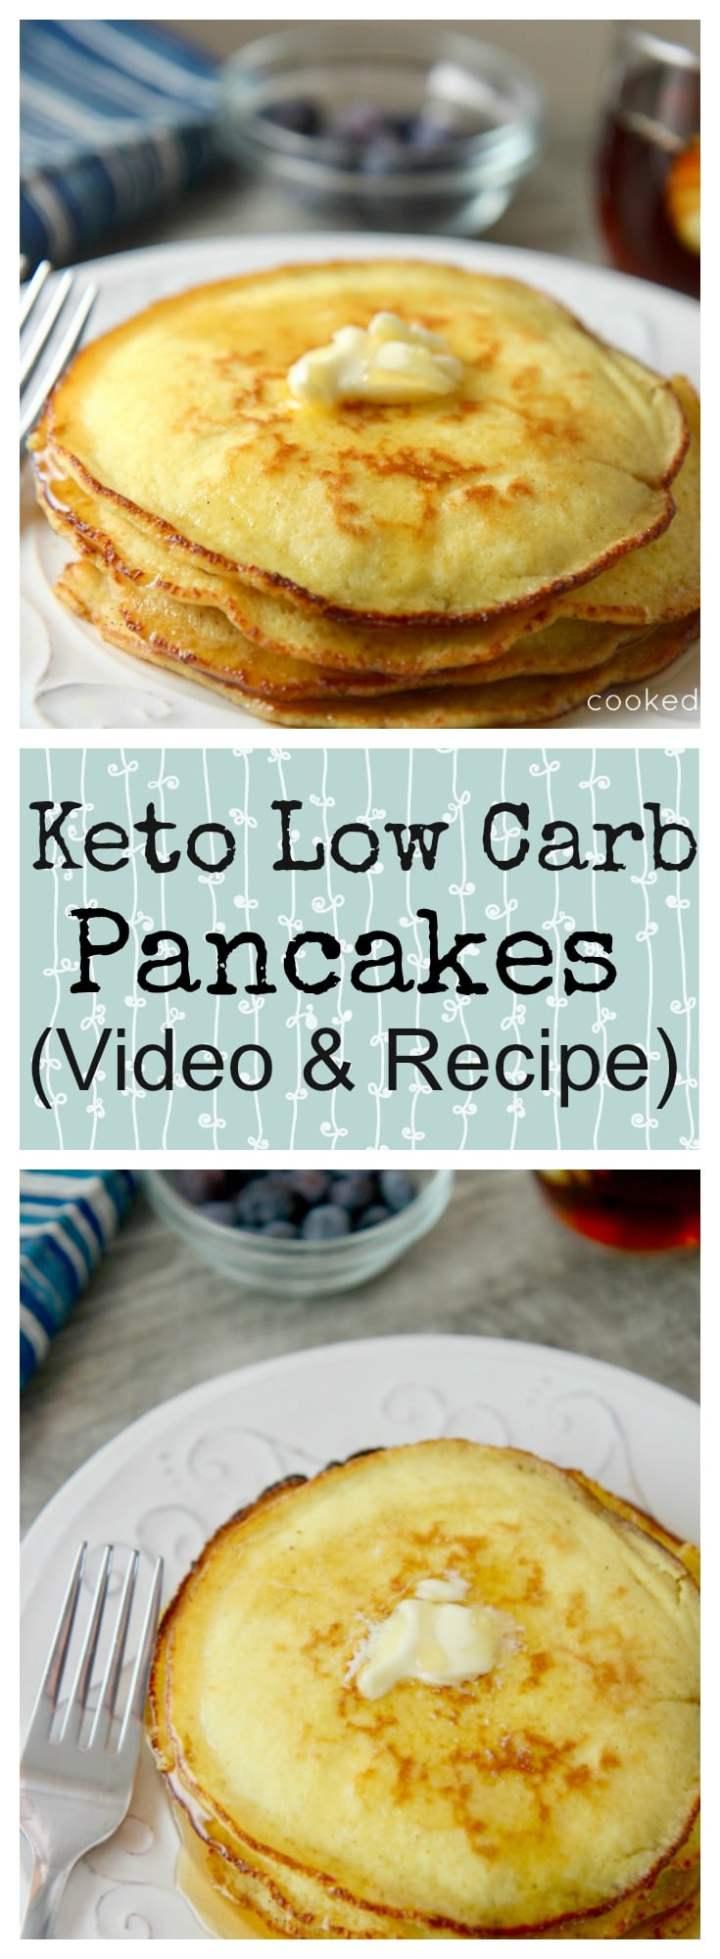 Keto Pancakes - 10 Minute Low Carb Pancake Recipe